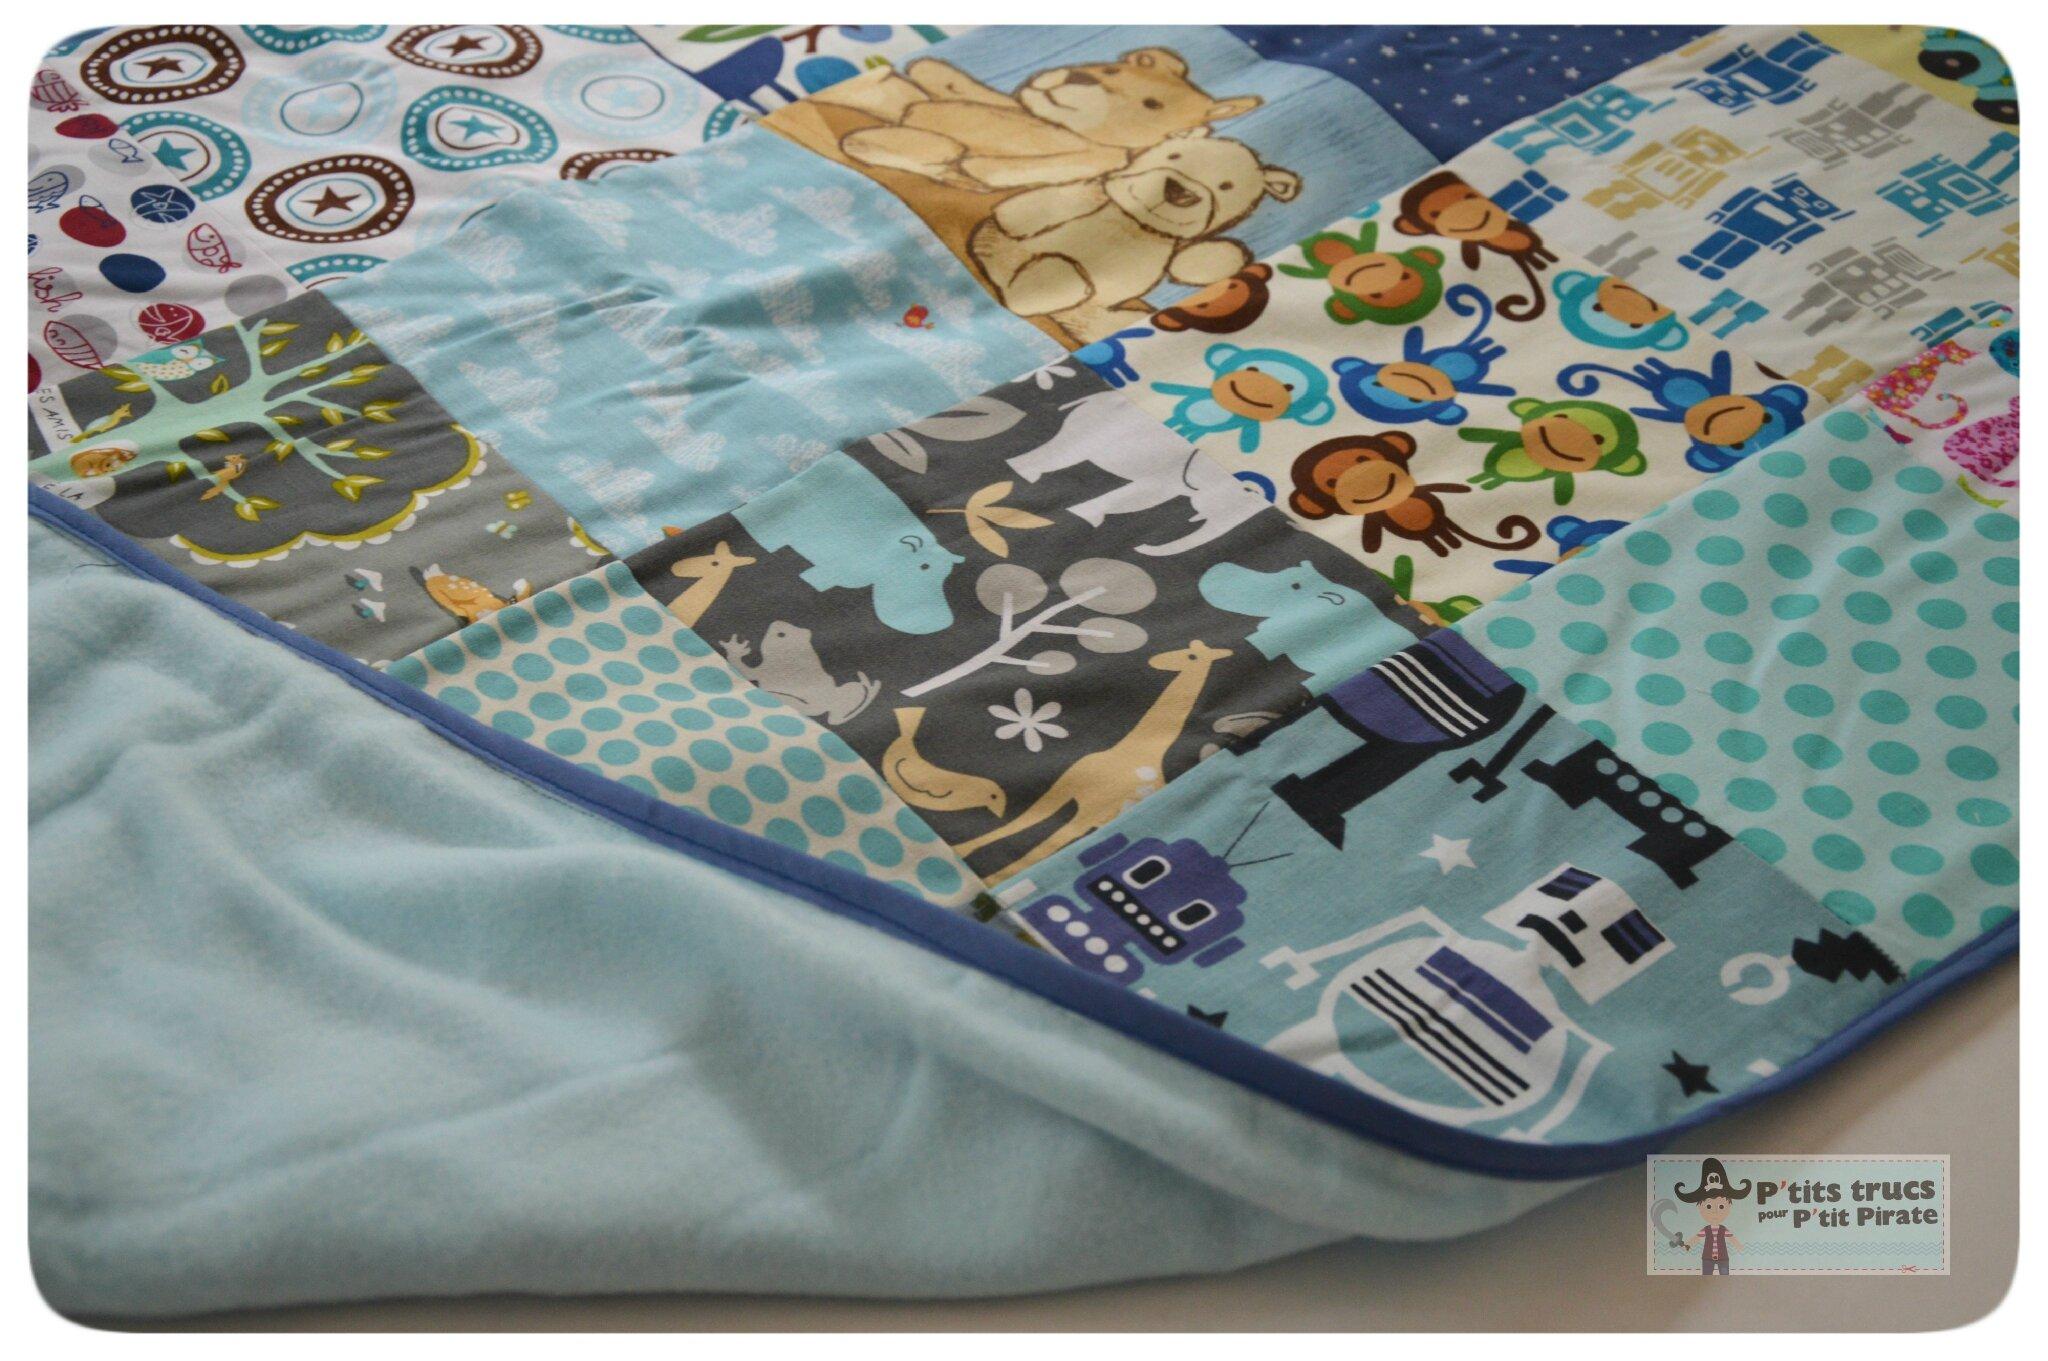 p 39 tit plaid babybox 2014 2 p 39 tits trucs pour p 39 tit pirate. Black Bedroom Furniture Sets. Home Design Ideas